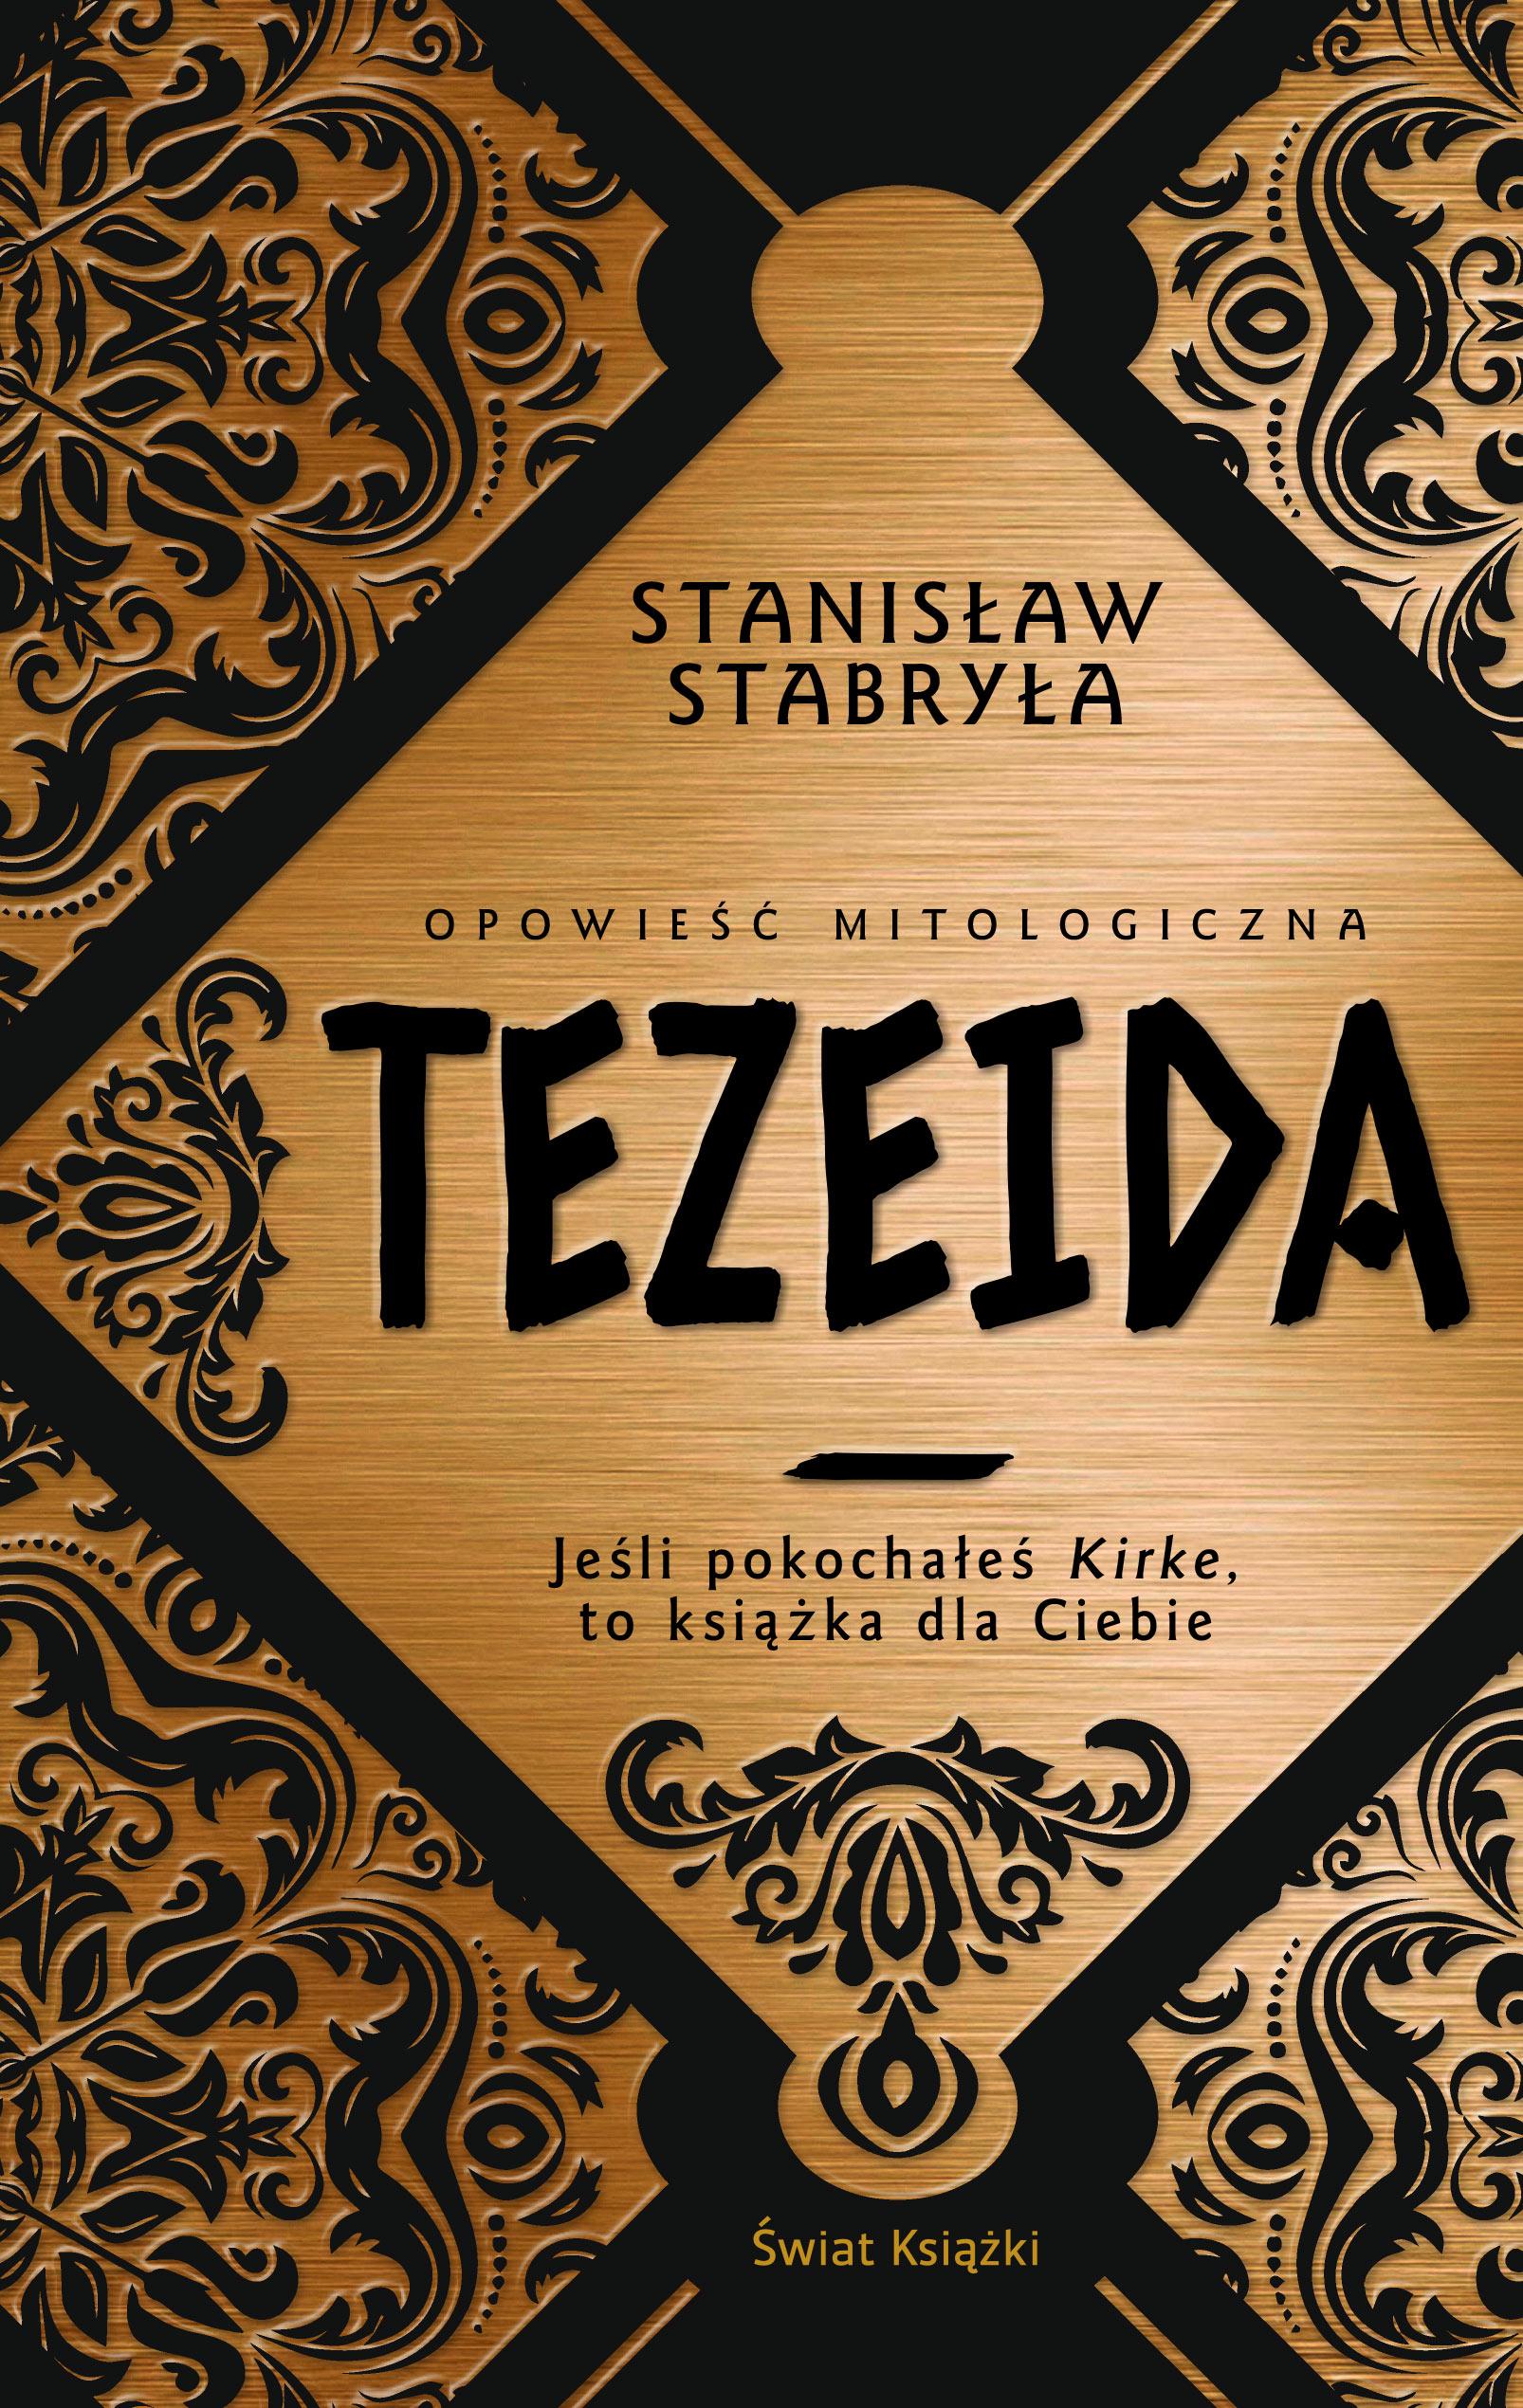 Tezeida